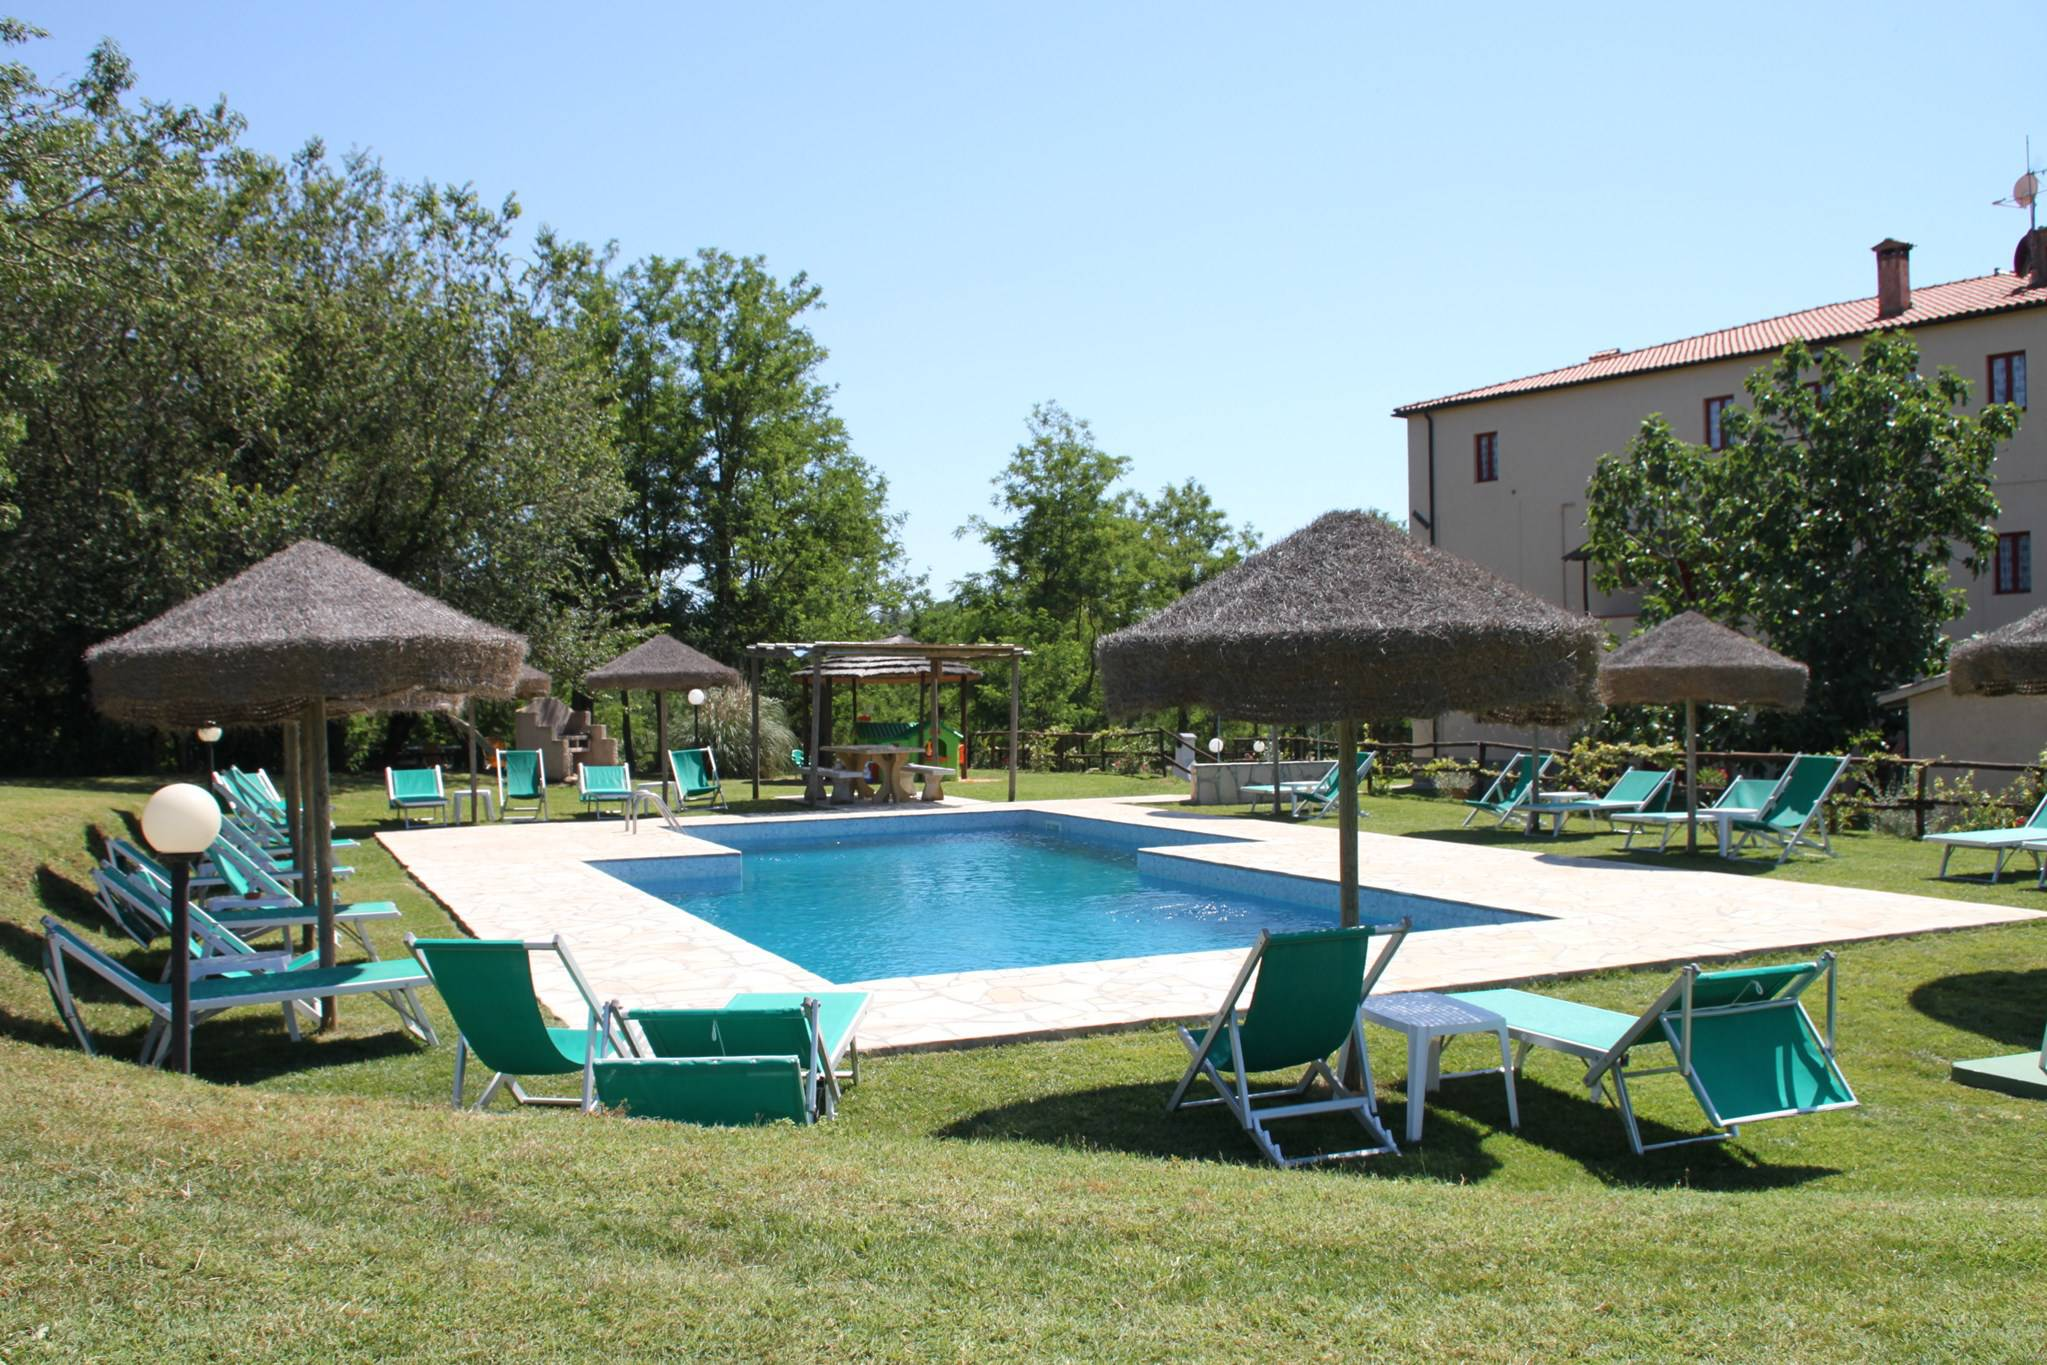 Toscane aupres de la plage ferme piscine parc italie for Location maison piscine italie